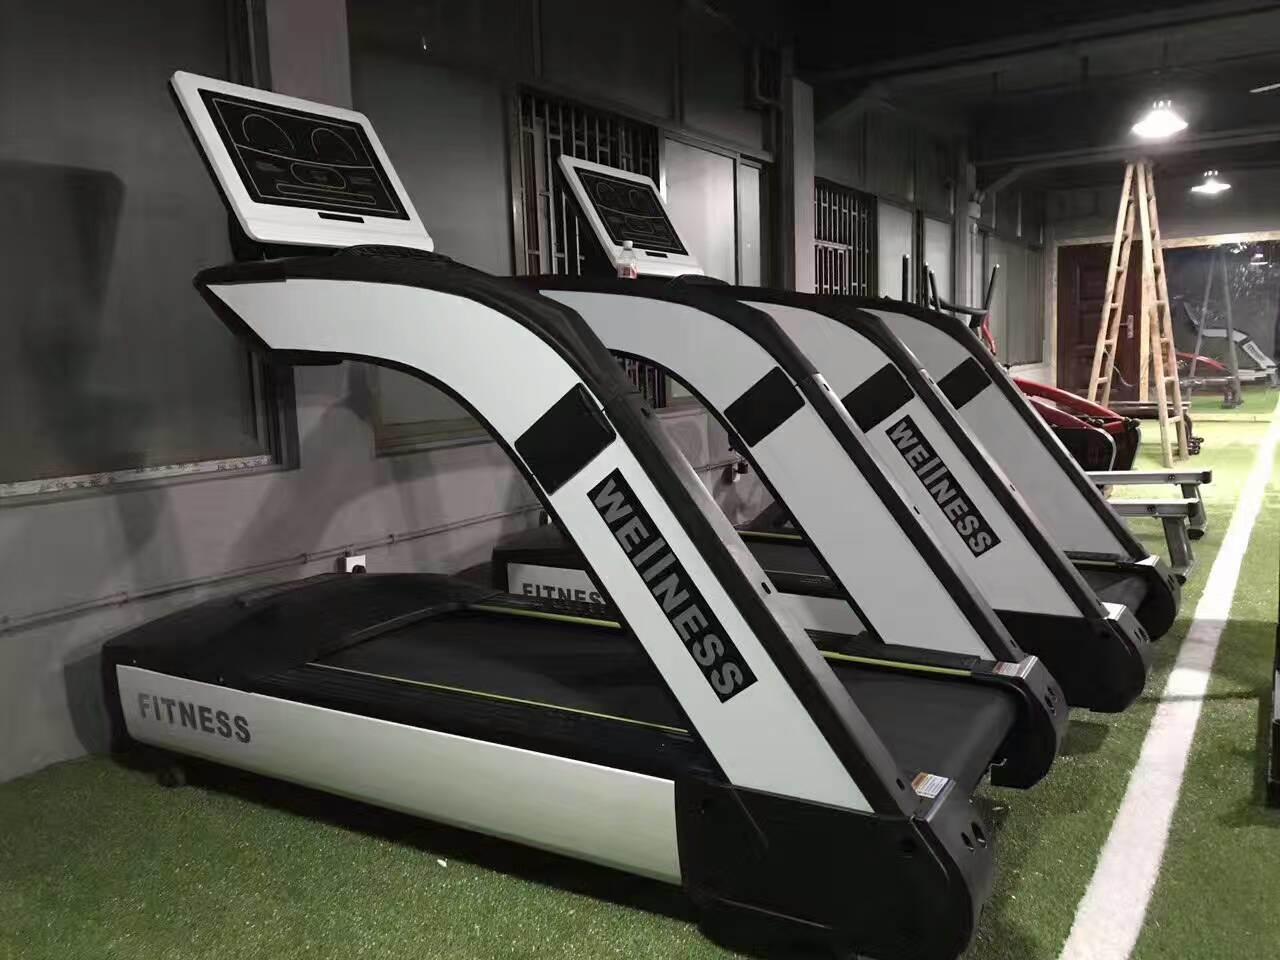 af5a5270b69 Treadmill - China Motorized Treadmill